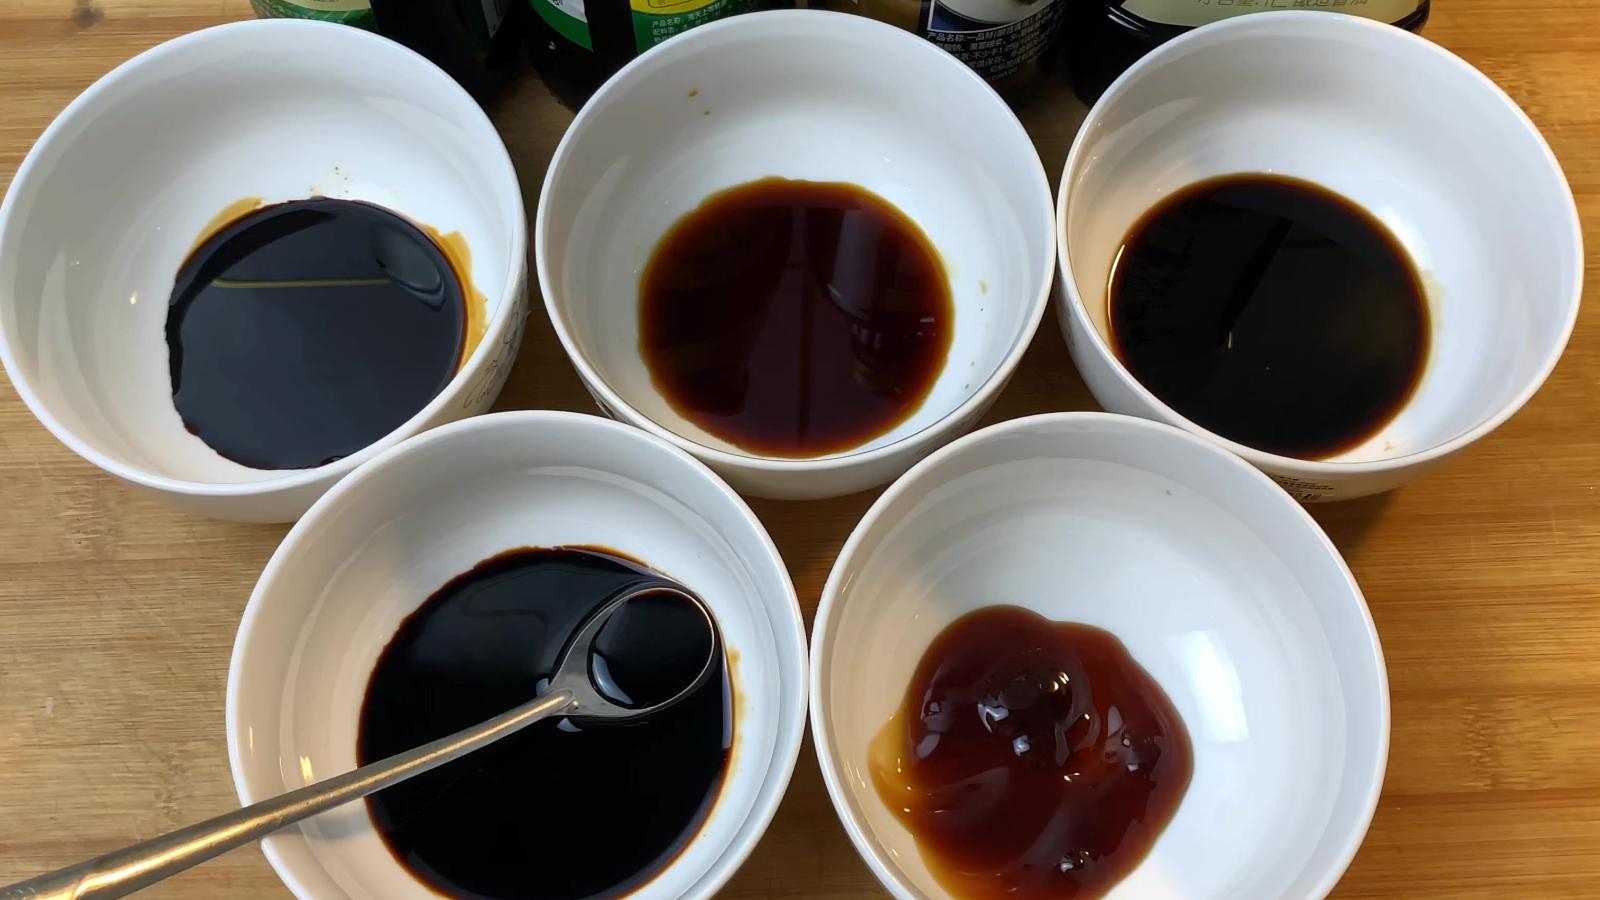 老抽、生抽、酱油、蚝油、蒸鱼豉油的区别和用途,看完视频一目了然